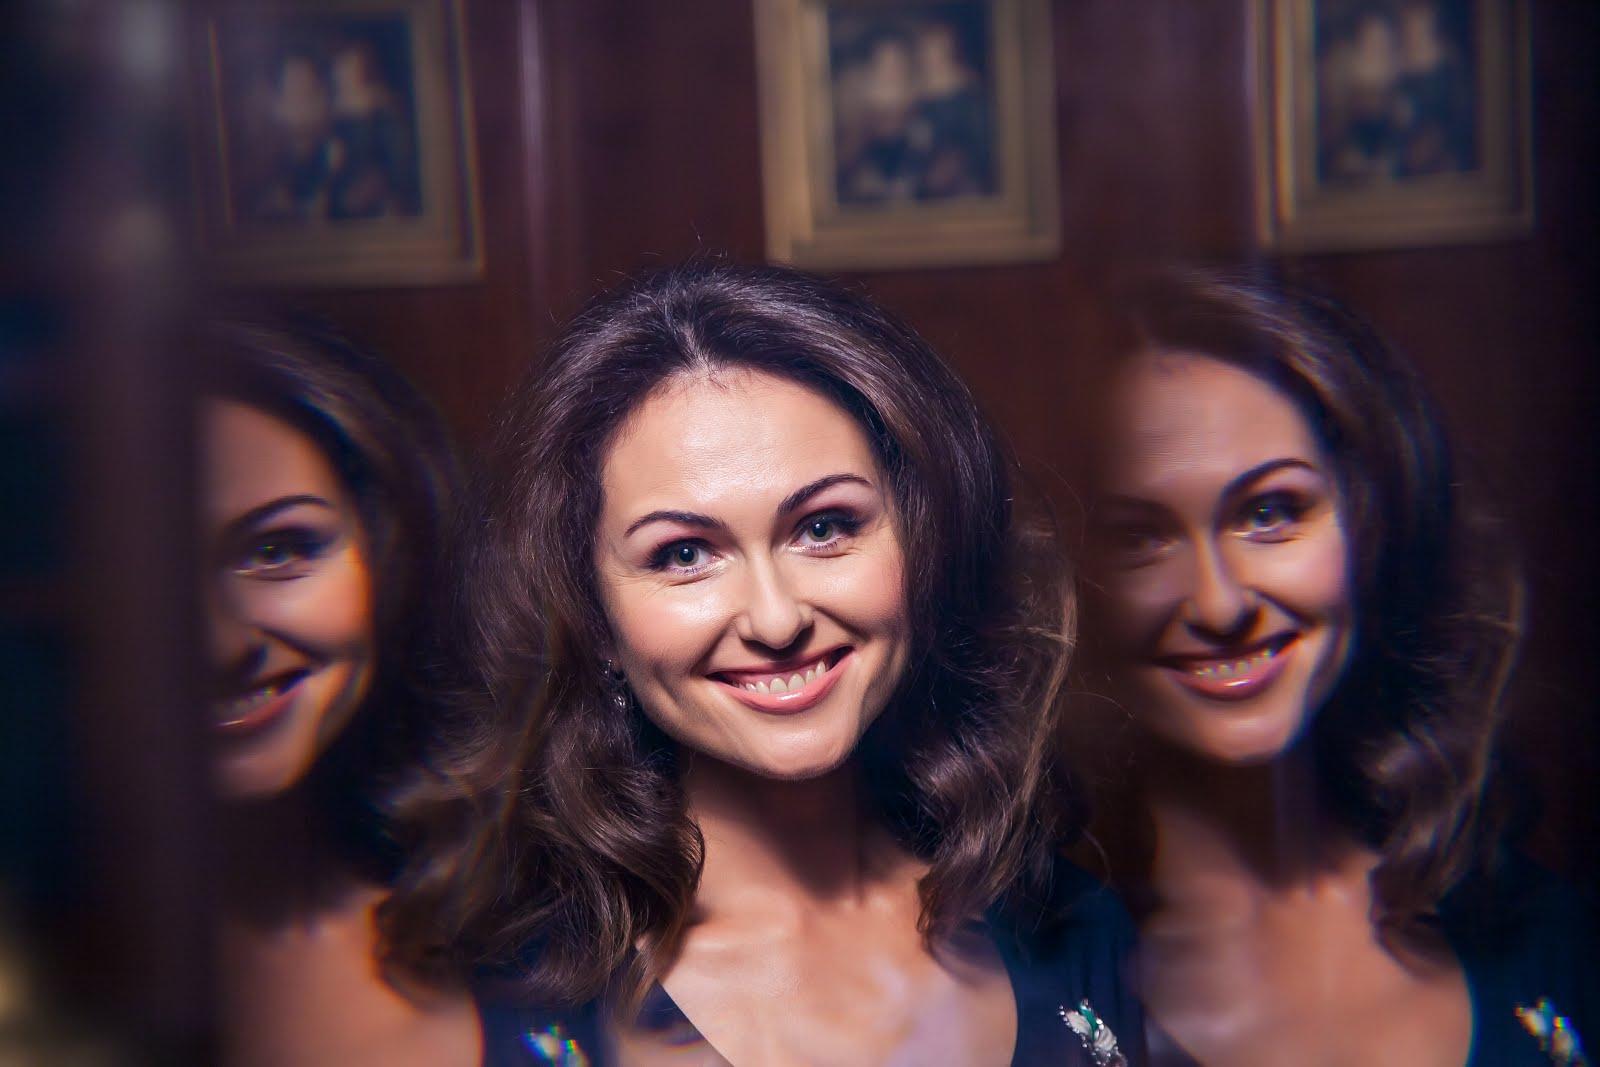 Реальные фото девушек в домашних условиях секс муж в командировке россия 10 фотография